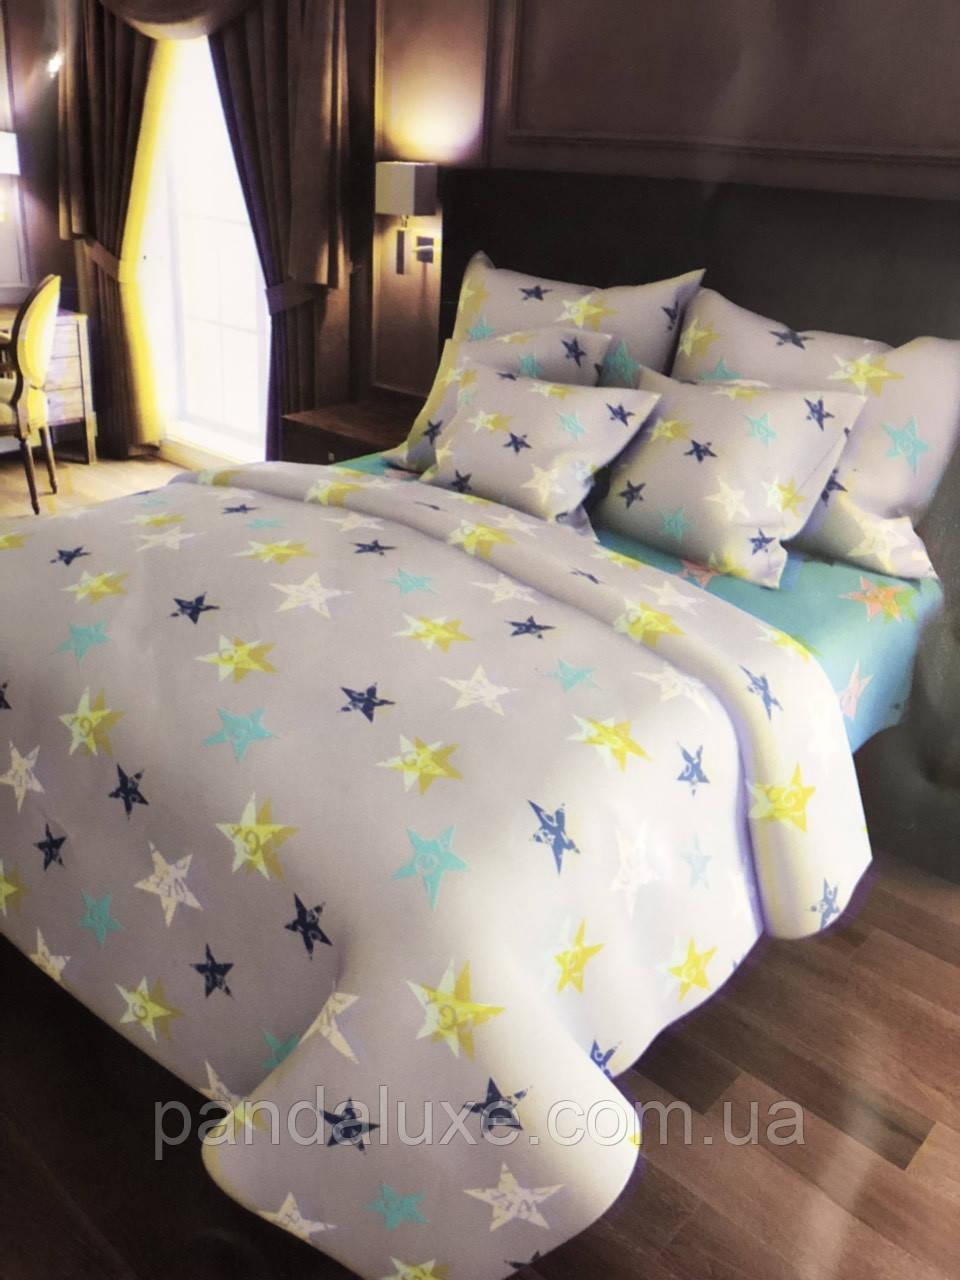 Постельное белье бязь голд, красивый двуспальный комплект Галактика